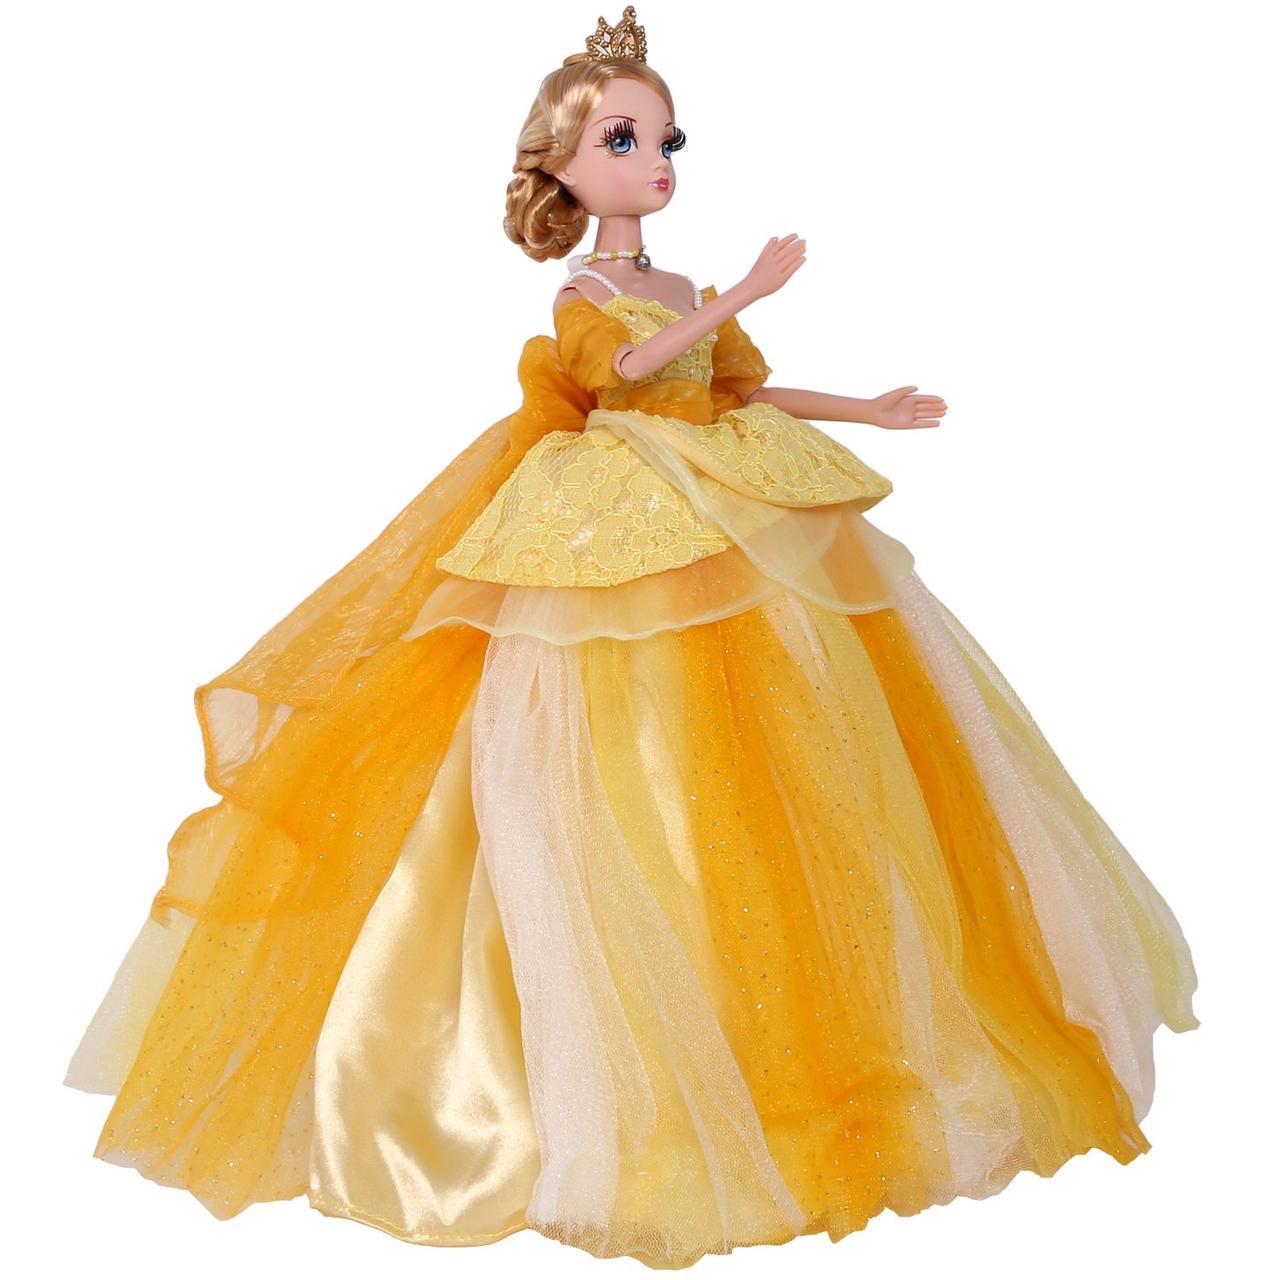 """Кукла Sonya Rose, серия """"Gold collection"""" Солнечный свет (Gulliver, Россия) - фото 2"""